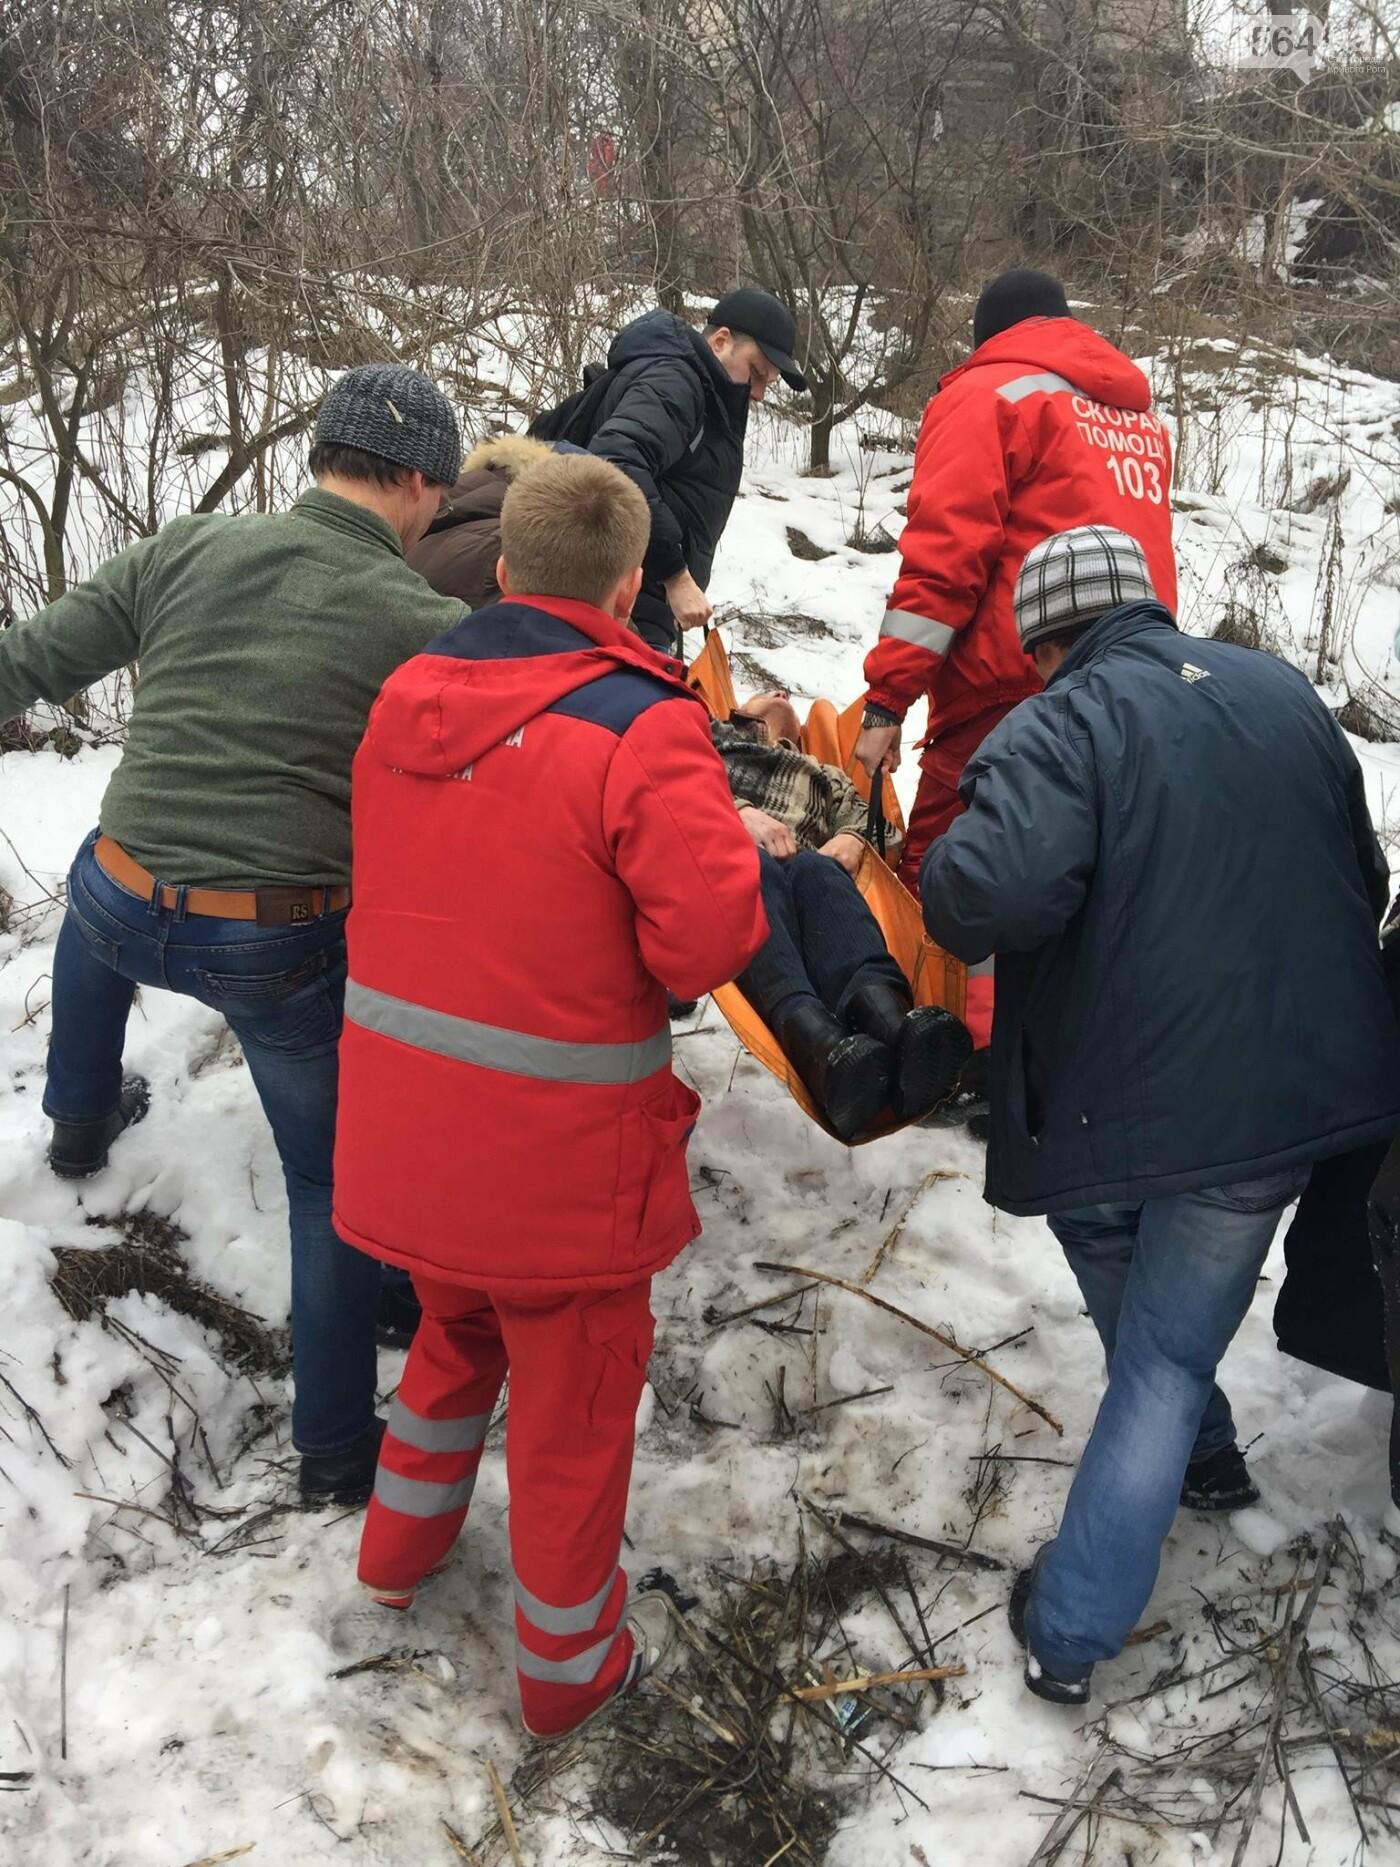 Неравнодушные жители Кривого Рога помогли в поисках мужчины, провалившегося в яму в районе станции скоростного трамвая (ФОТО), фото-1